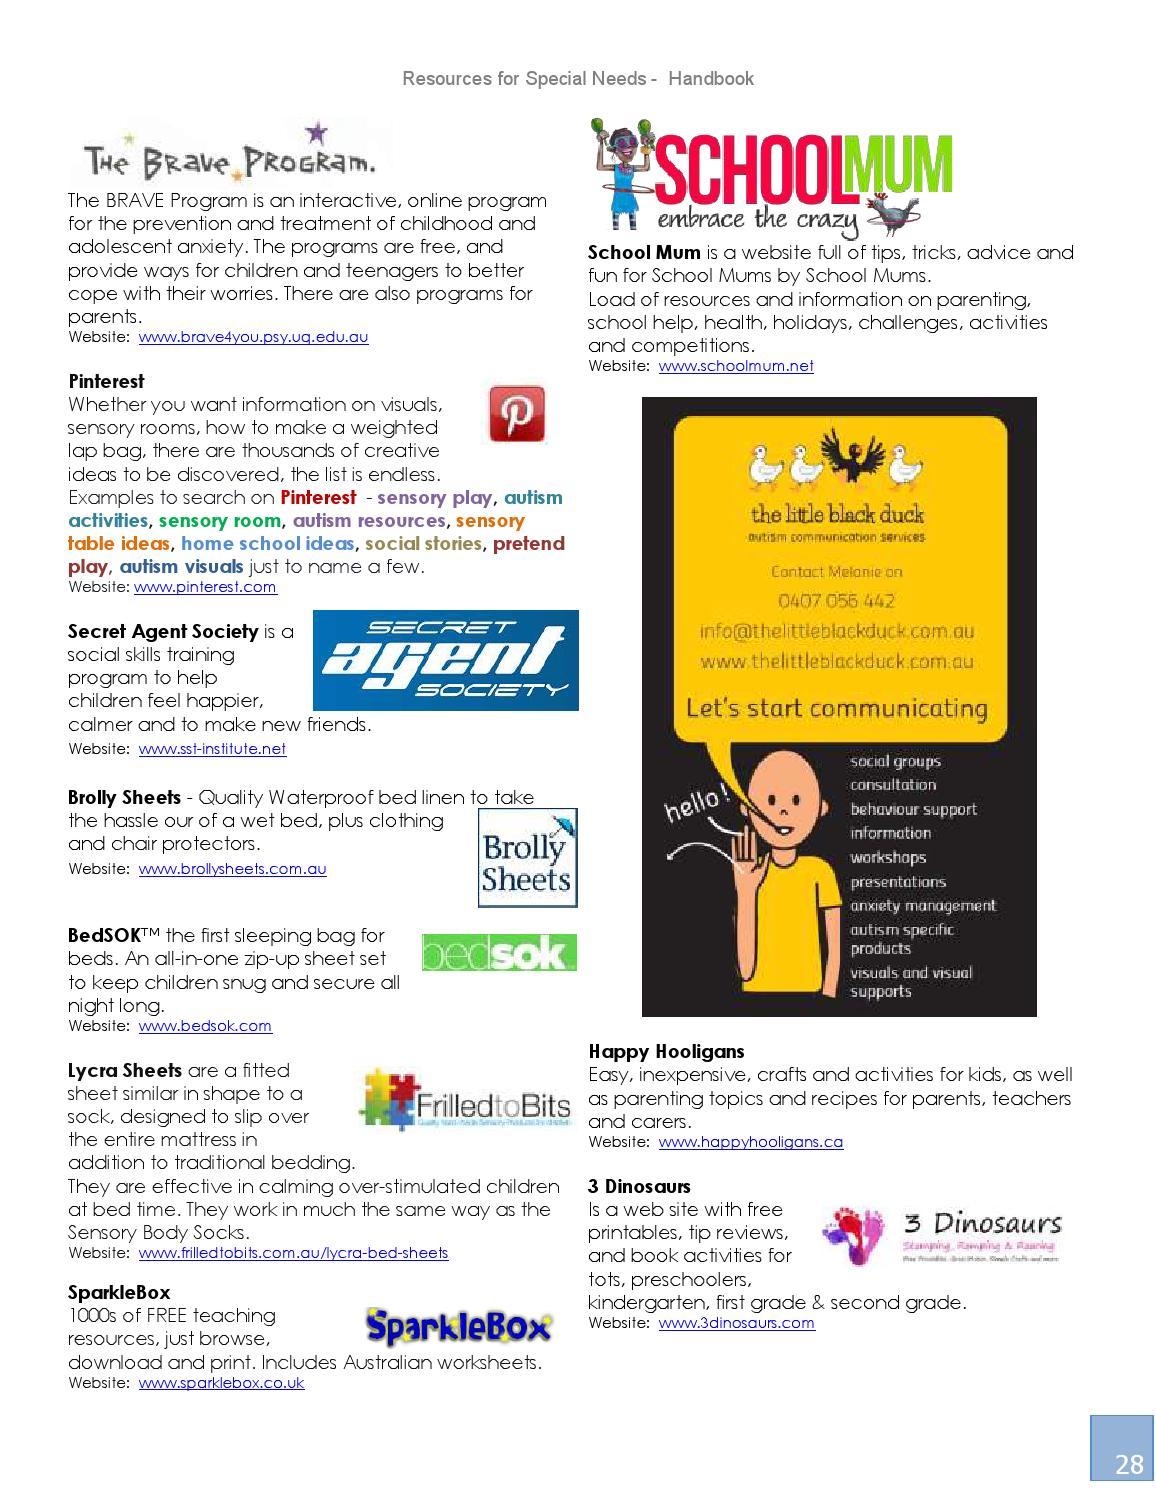 Online Handbook For Special Needs >> Resources For Special Needs Handbook 2015 By Autism World